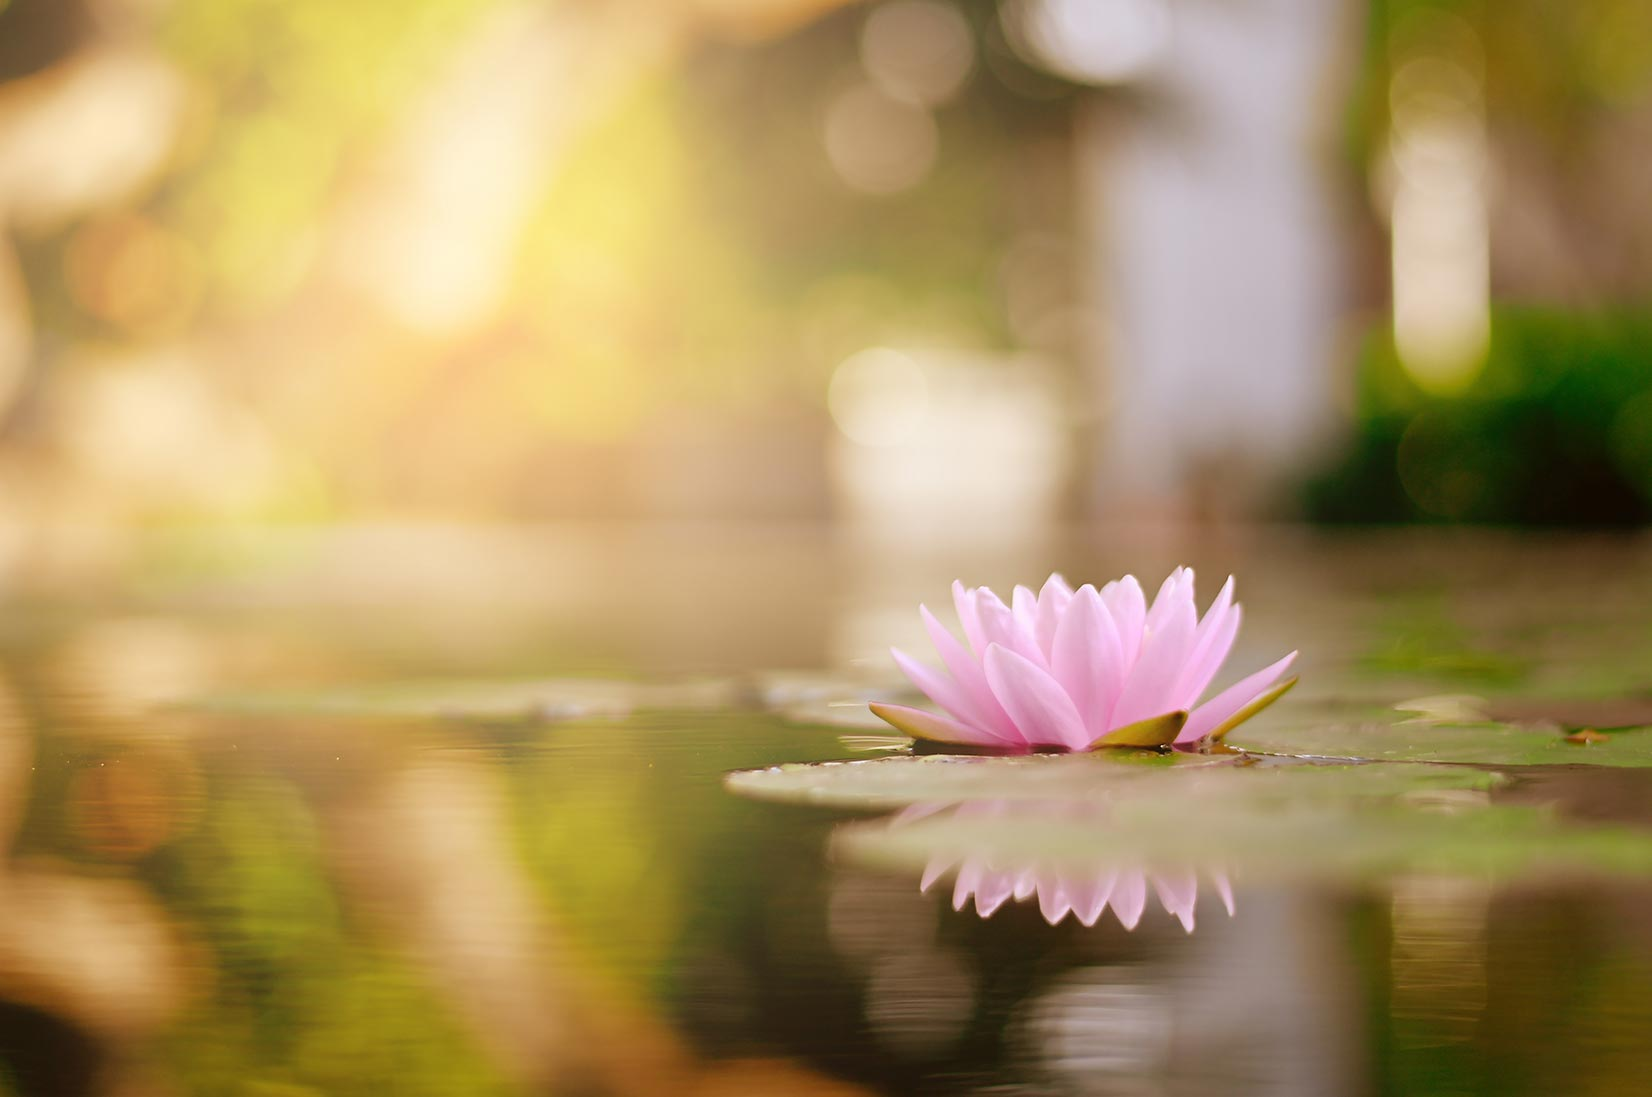 armoni ed equilibrio con fiore di loto